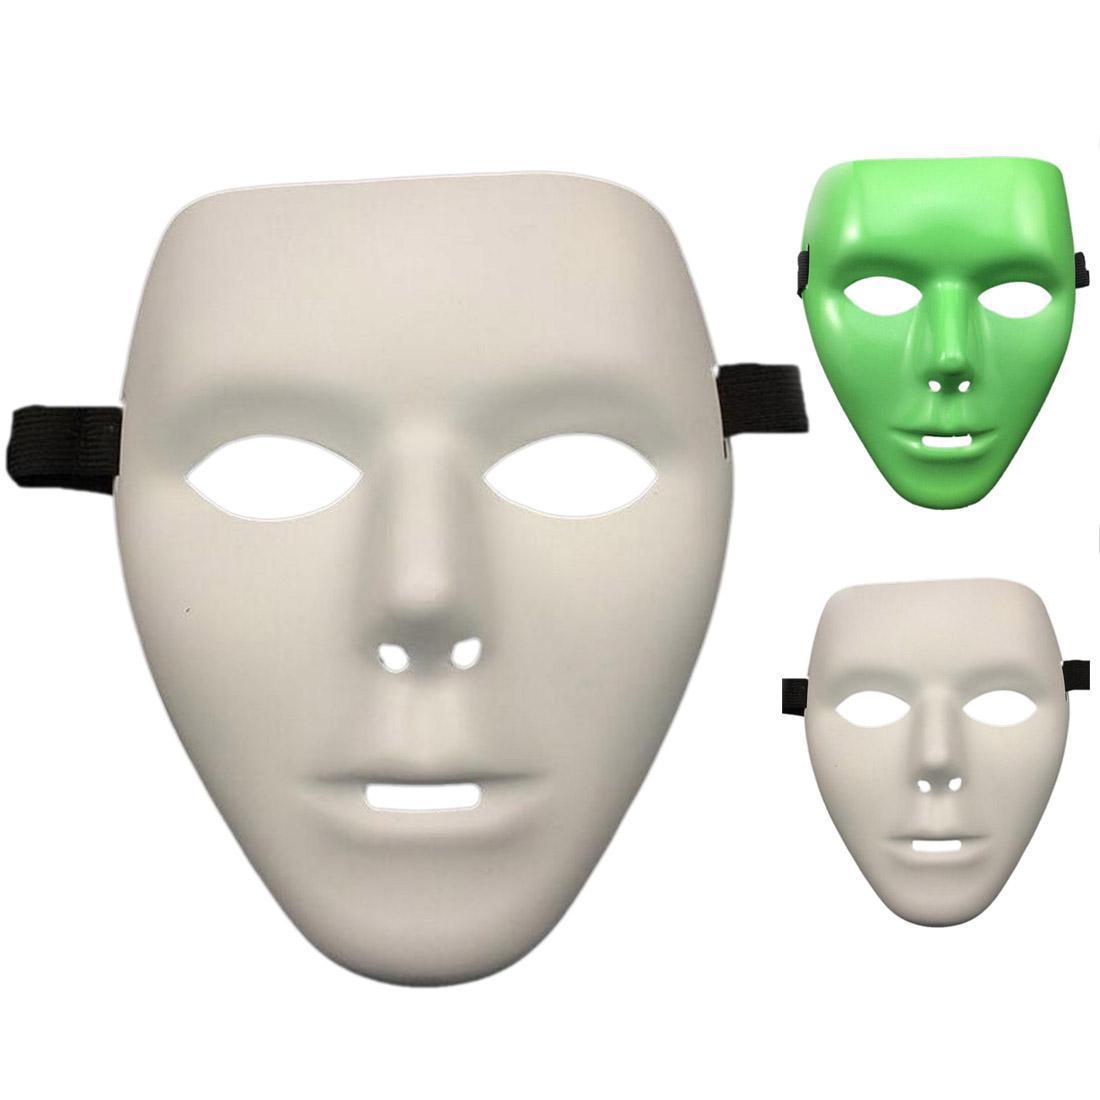 Diablo Máscara fantasma Sombrero de diseño de moda de Cosplay para Halloween Máscara facial Hip Hop danza del estilo del fantasma para Halloween cosplay Atrezzo Scary